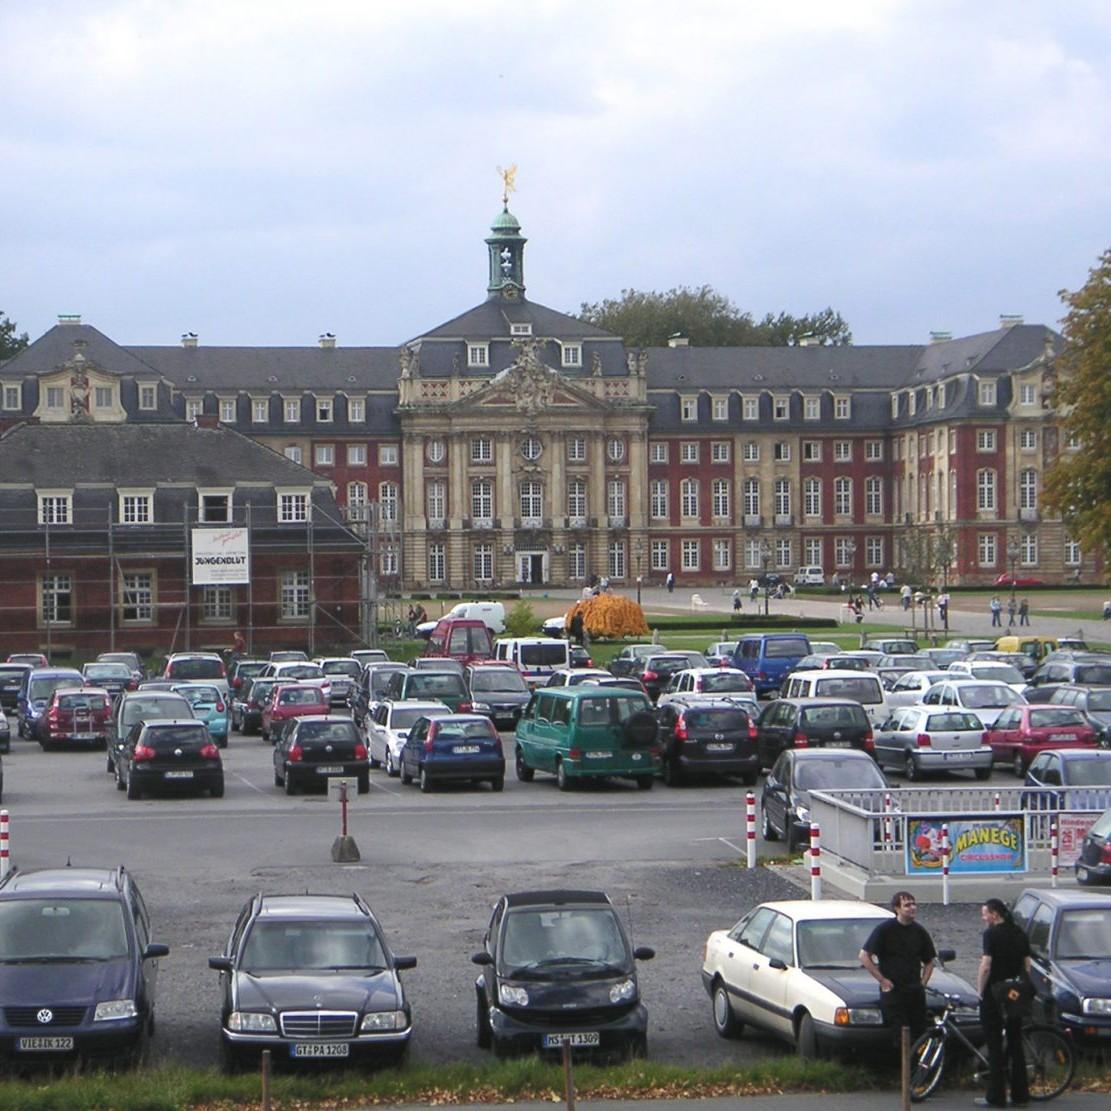 Schlossplatz mit Schloss in Münster - Foto: Stefan Rethfeld